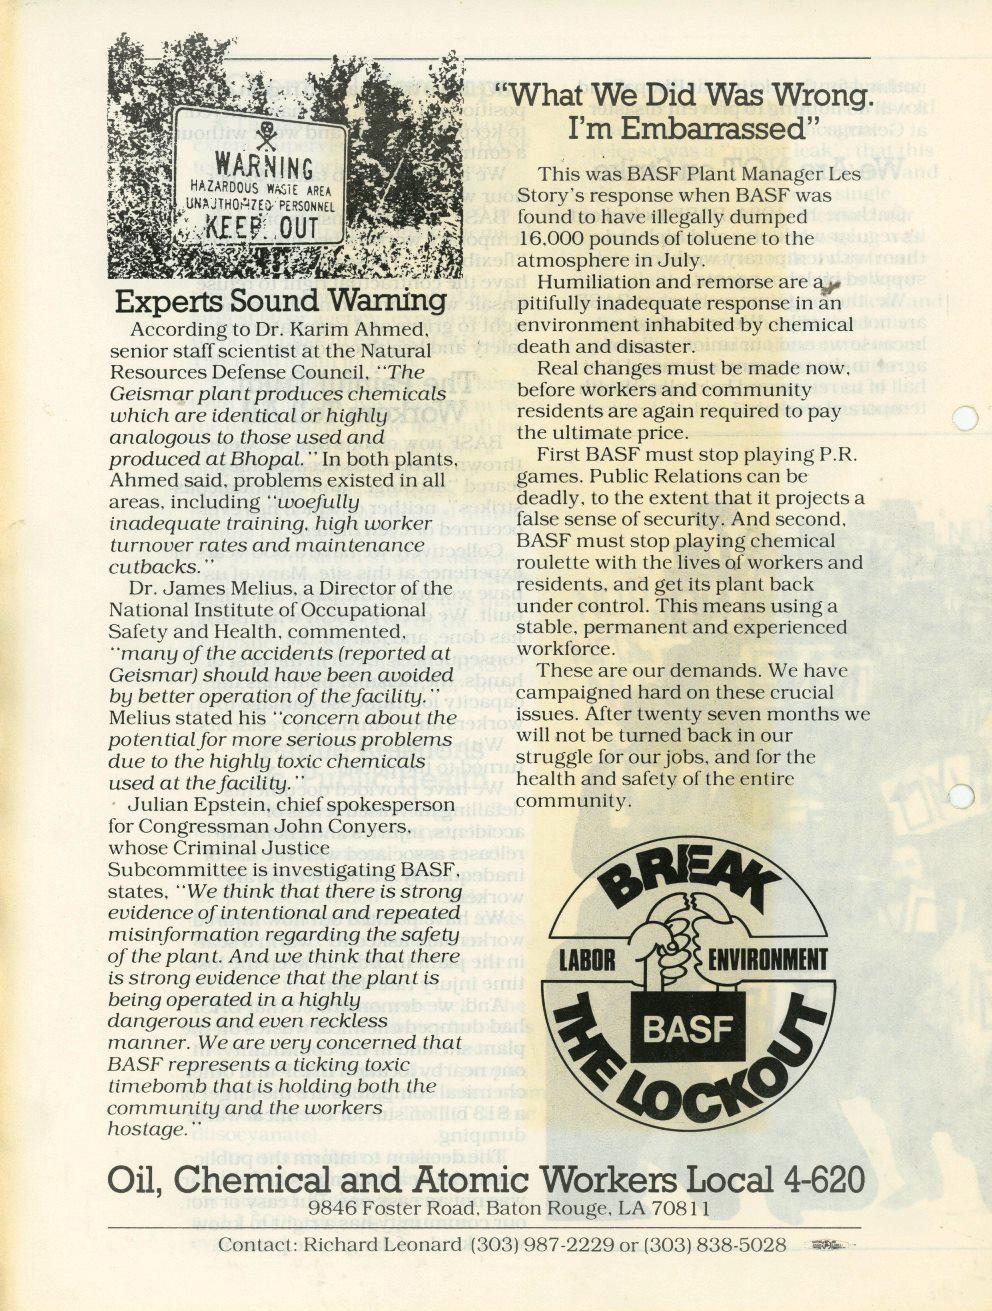 USA_BASF_Aussperrung_in_Geismar_1986_5_04